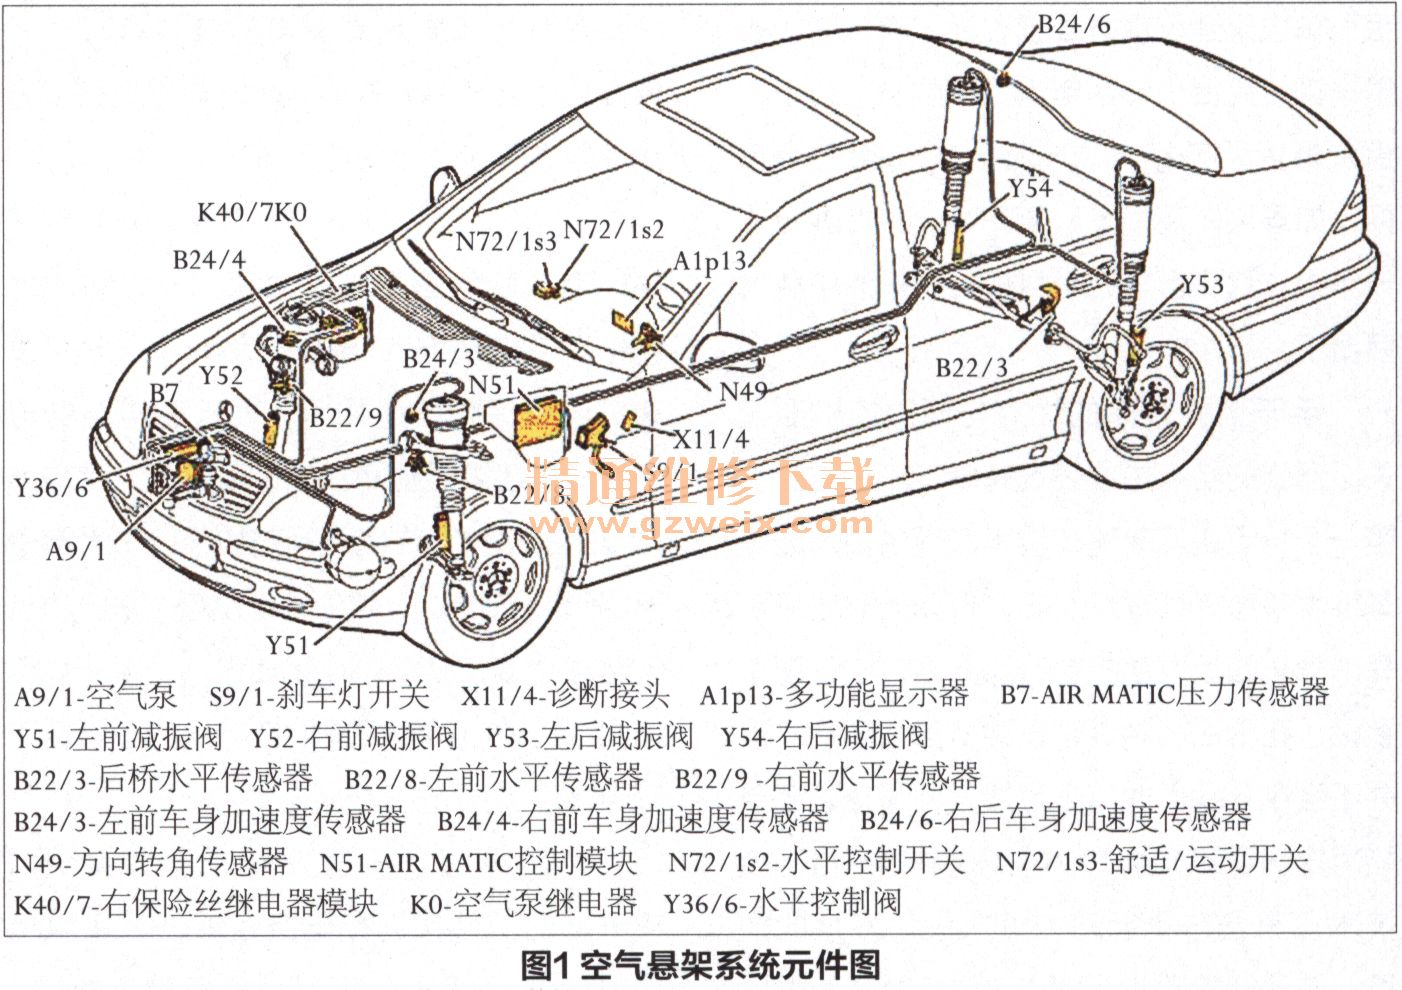 奔驰s500空气悬架系统介绍及故障分析